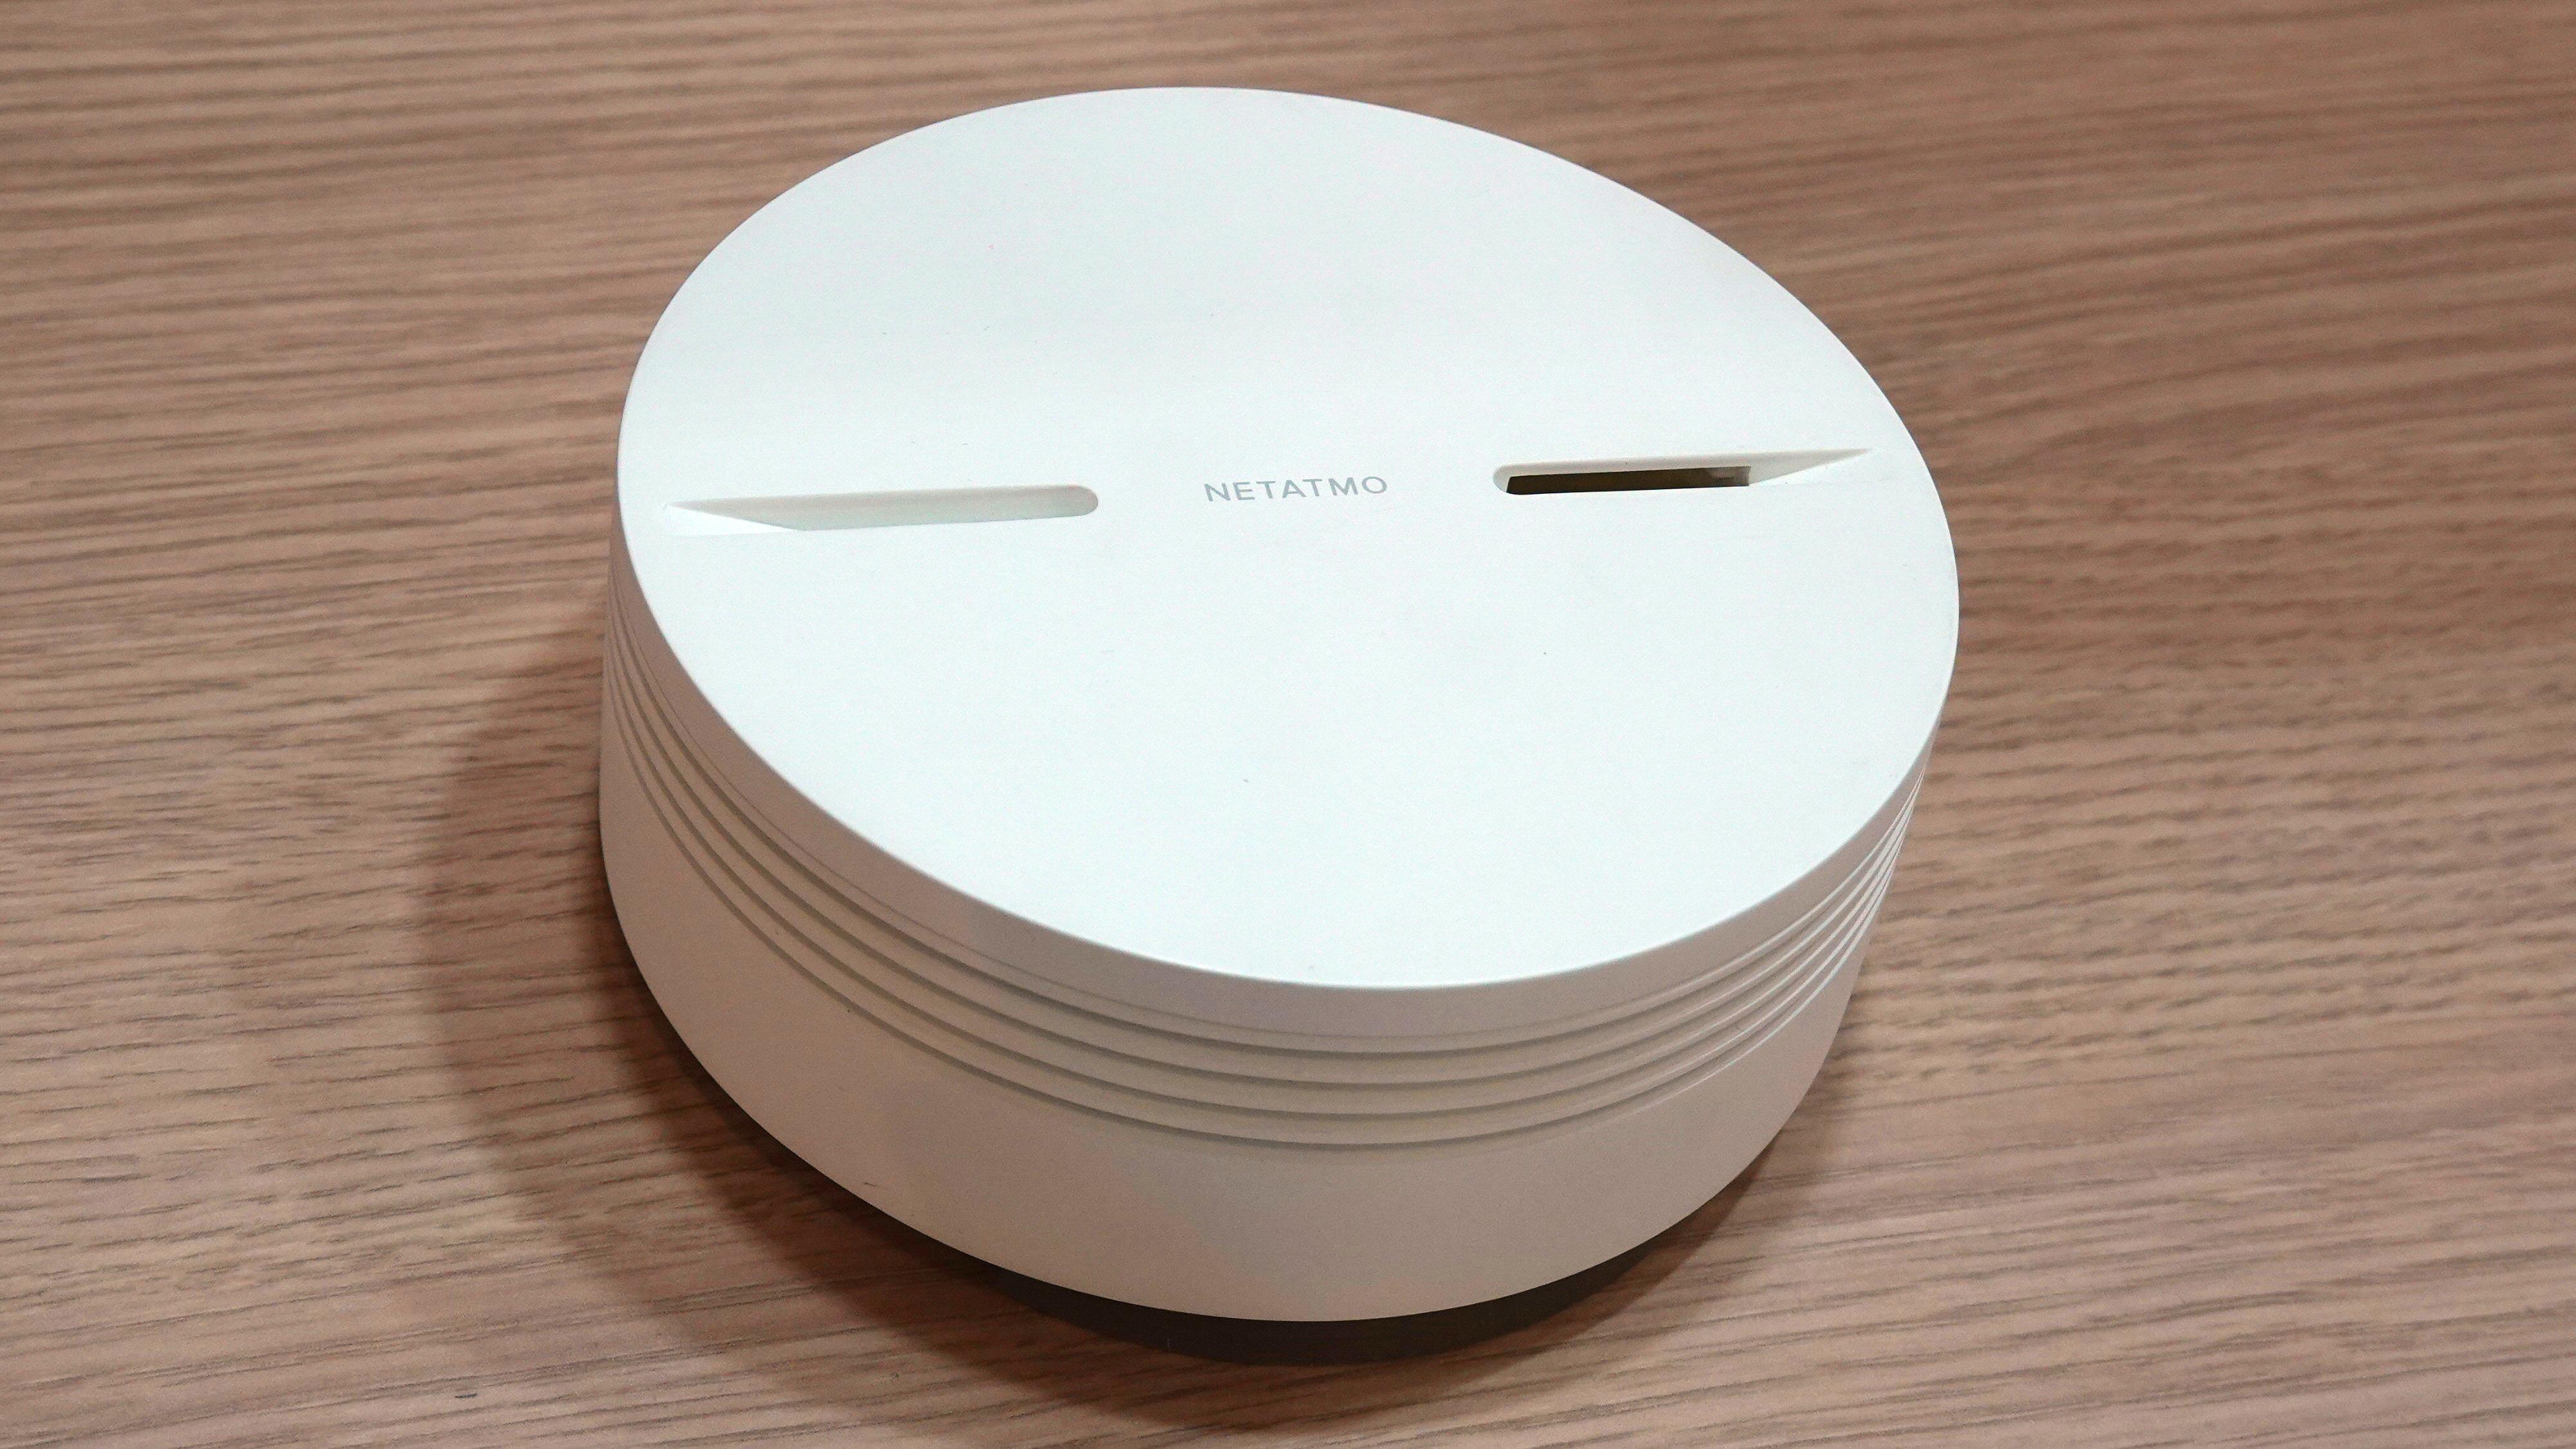 Netatmos smarte røykvarsler har et batteri du aldri trenger å bytte